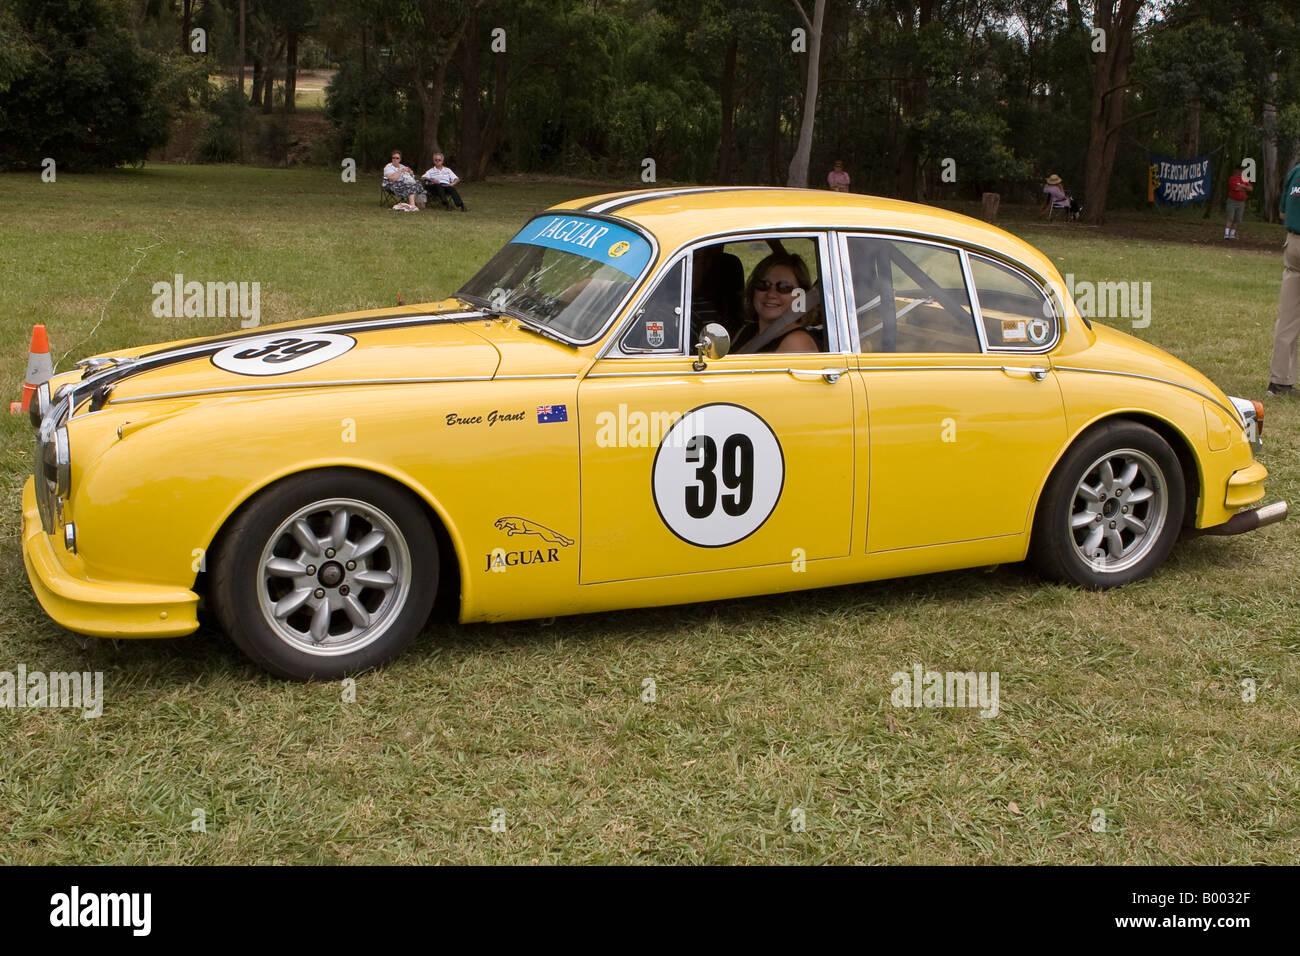 Racing Jaguar Mk2 Car Stock Photos Racing Jaguar Mk2 Car Stock